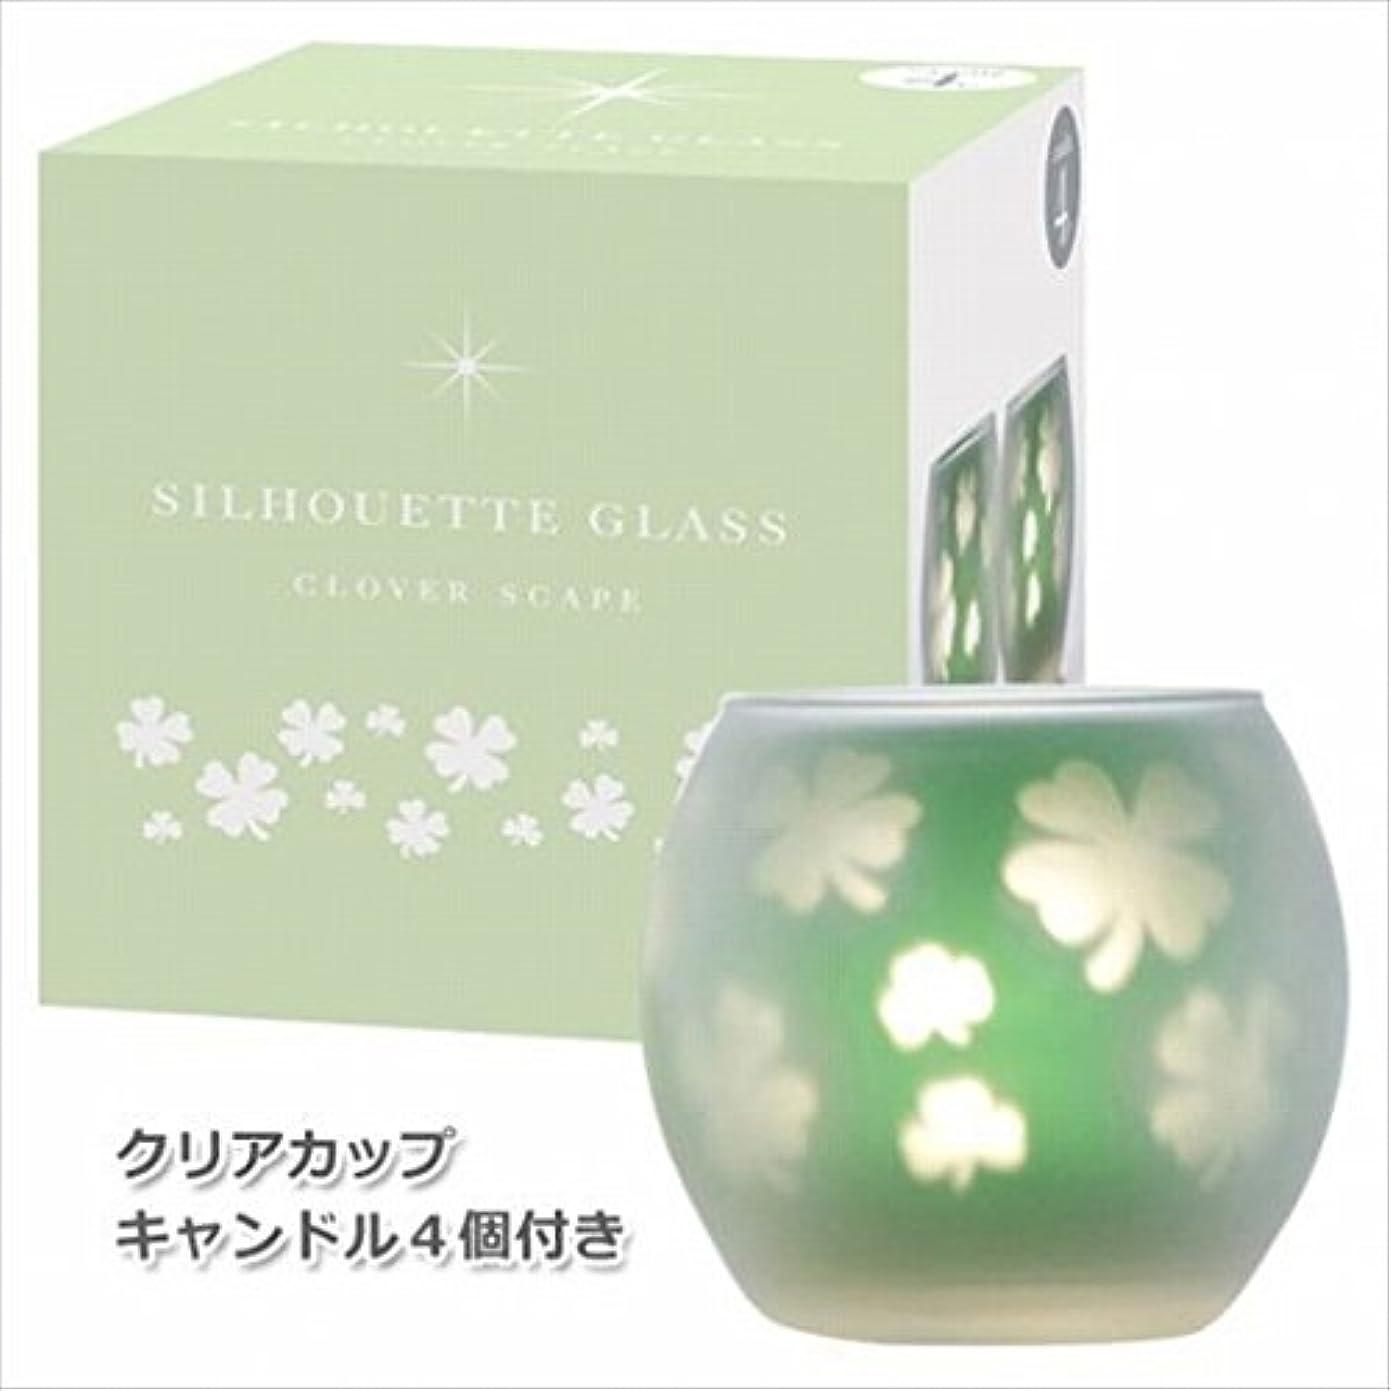 それら一貫性のない肉屋カメヤマキャンドル(kameyama candle) クローバースケープ2【キャンドル4個付き】 シルエットグラス